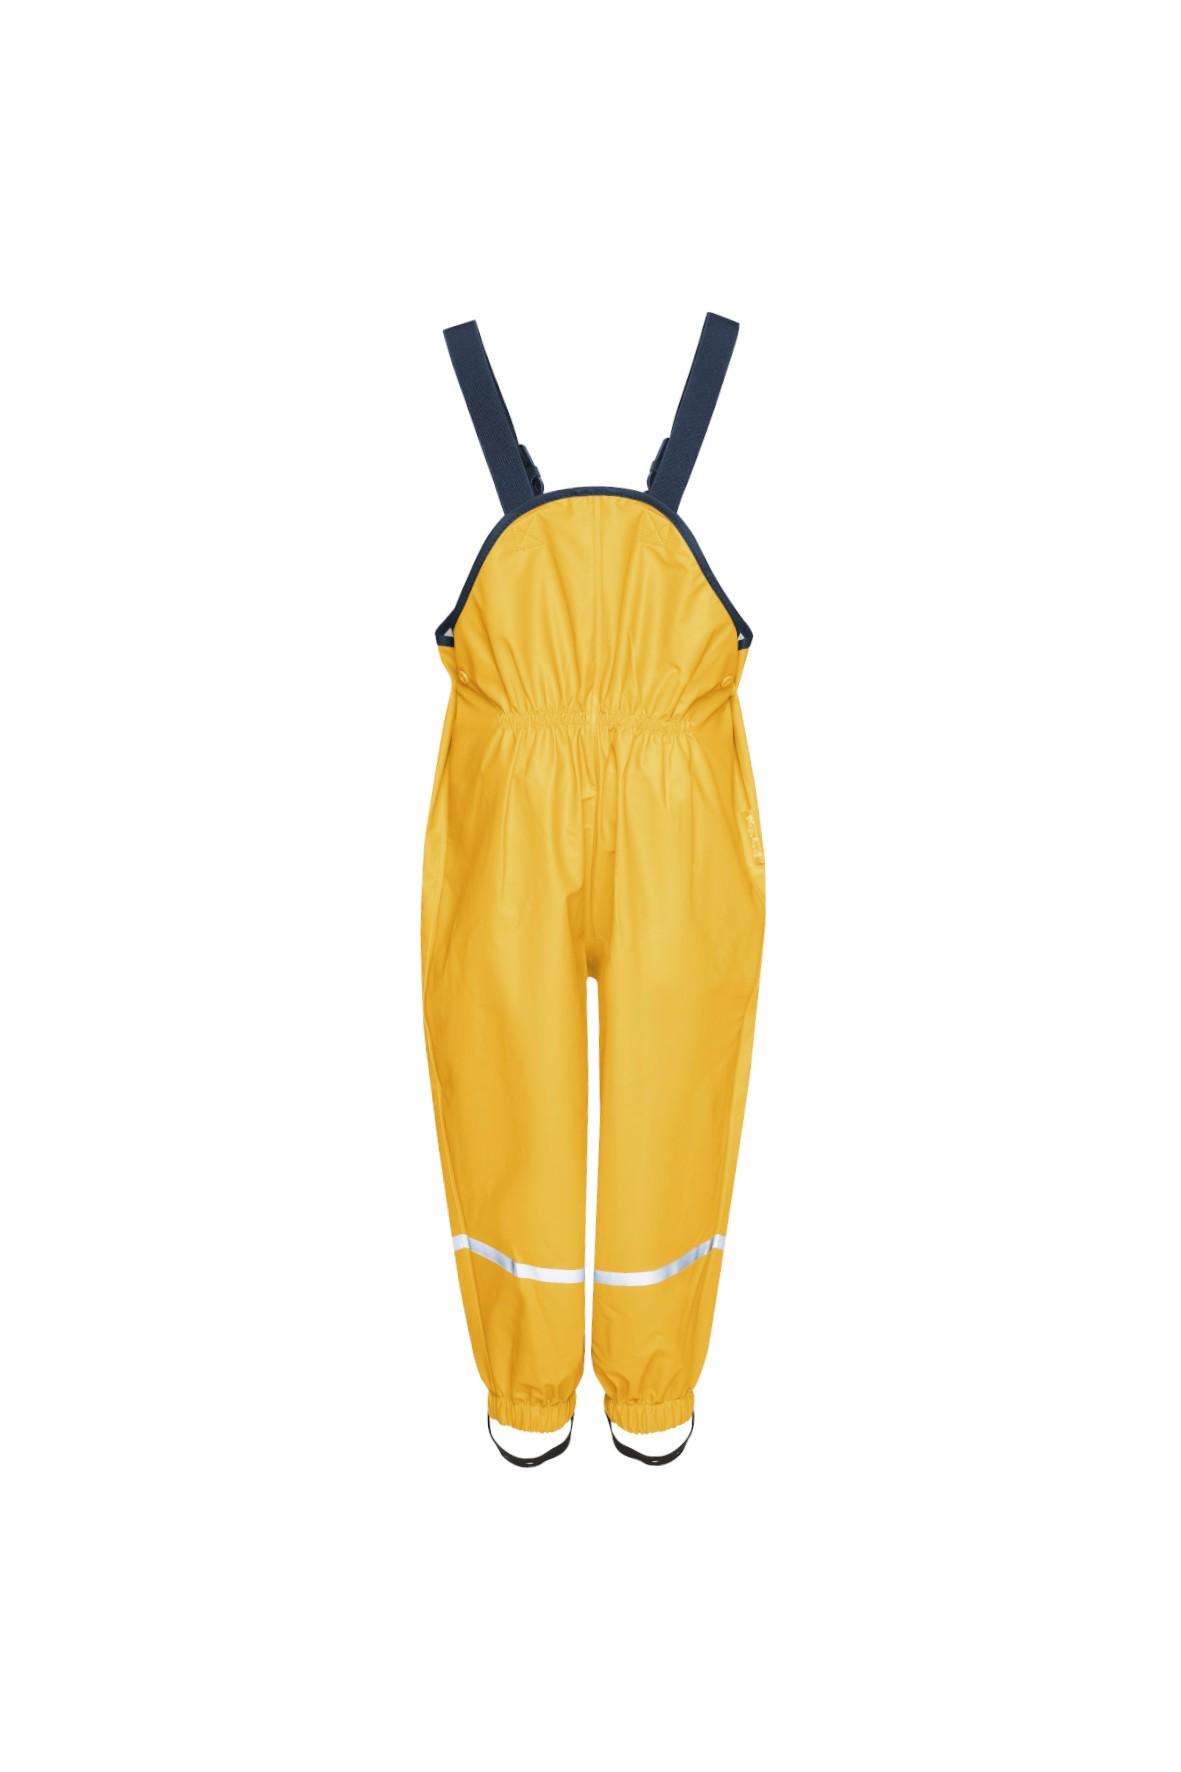 Spodnie przeciwdeszczowe na szelkach z elementami odblaskowymi-żółte